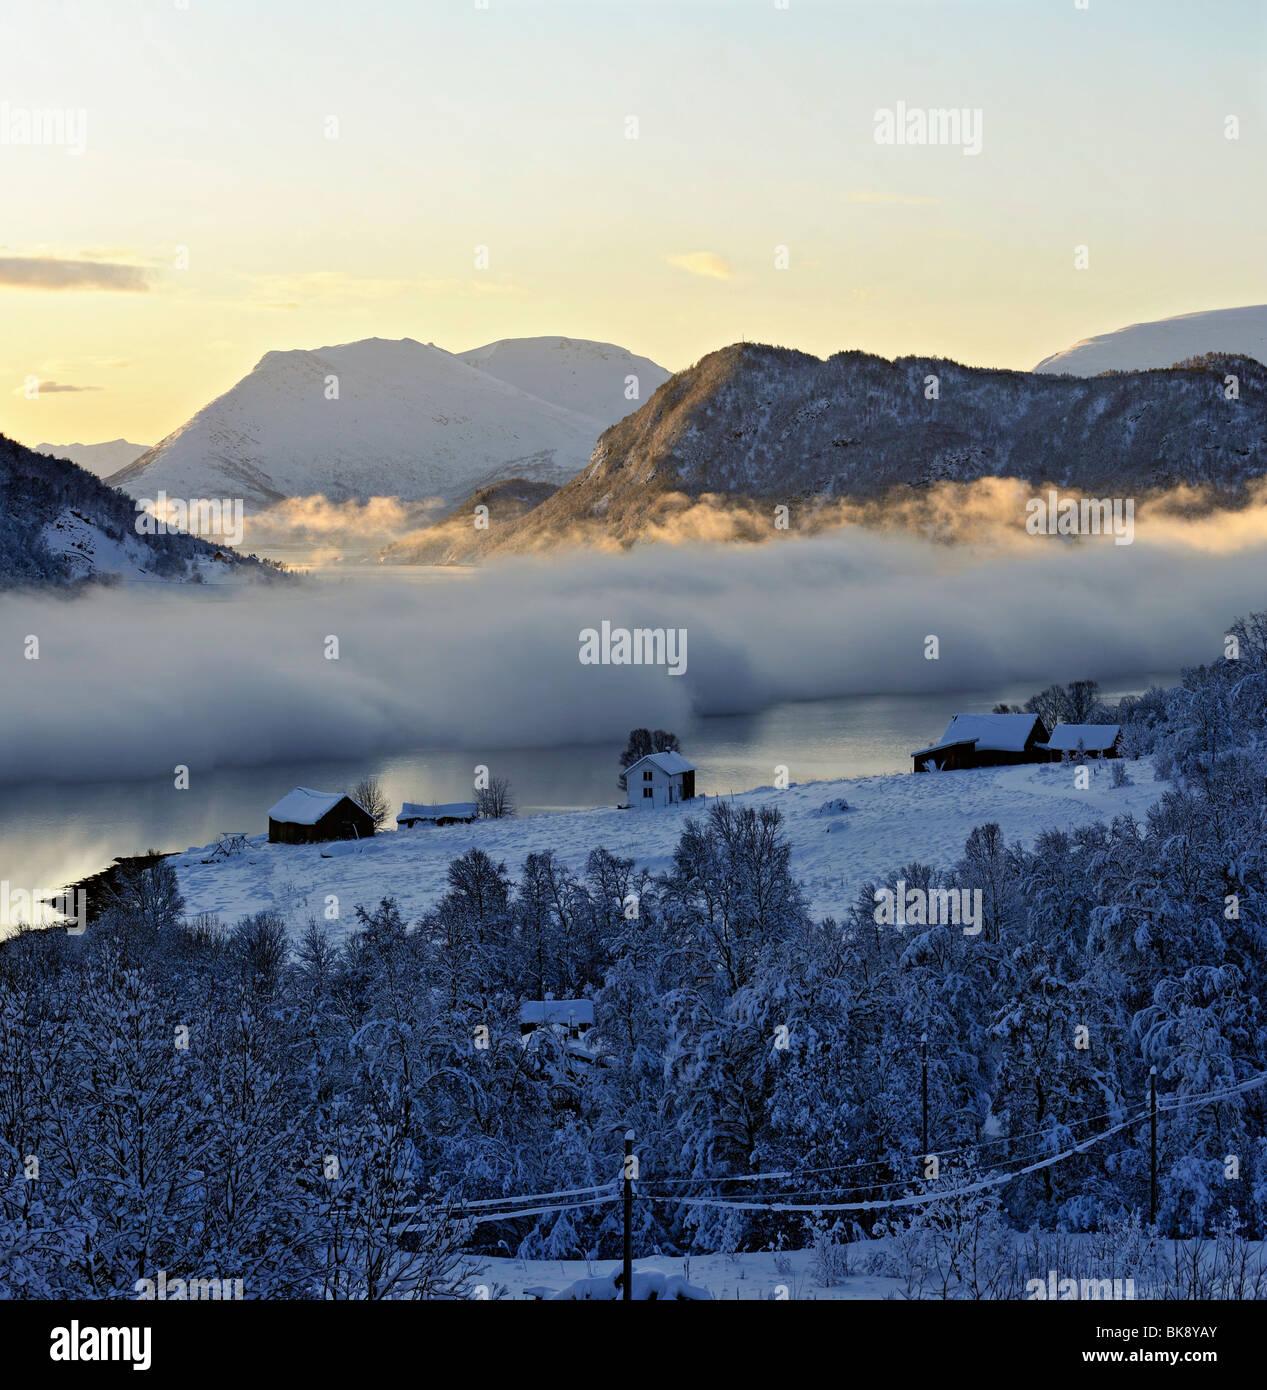 Niebla, hielo, humo sobre un fiordo en el norte de Noruega, un frío día de invierno. Foto de stock